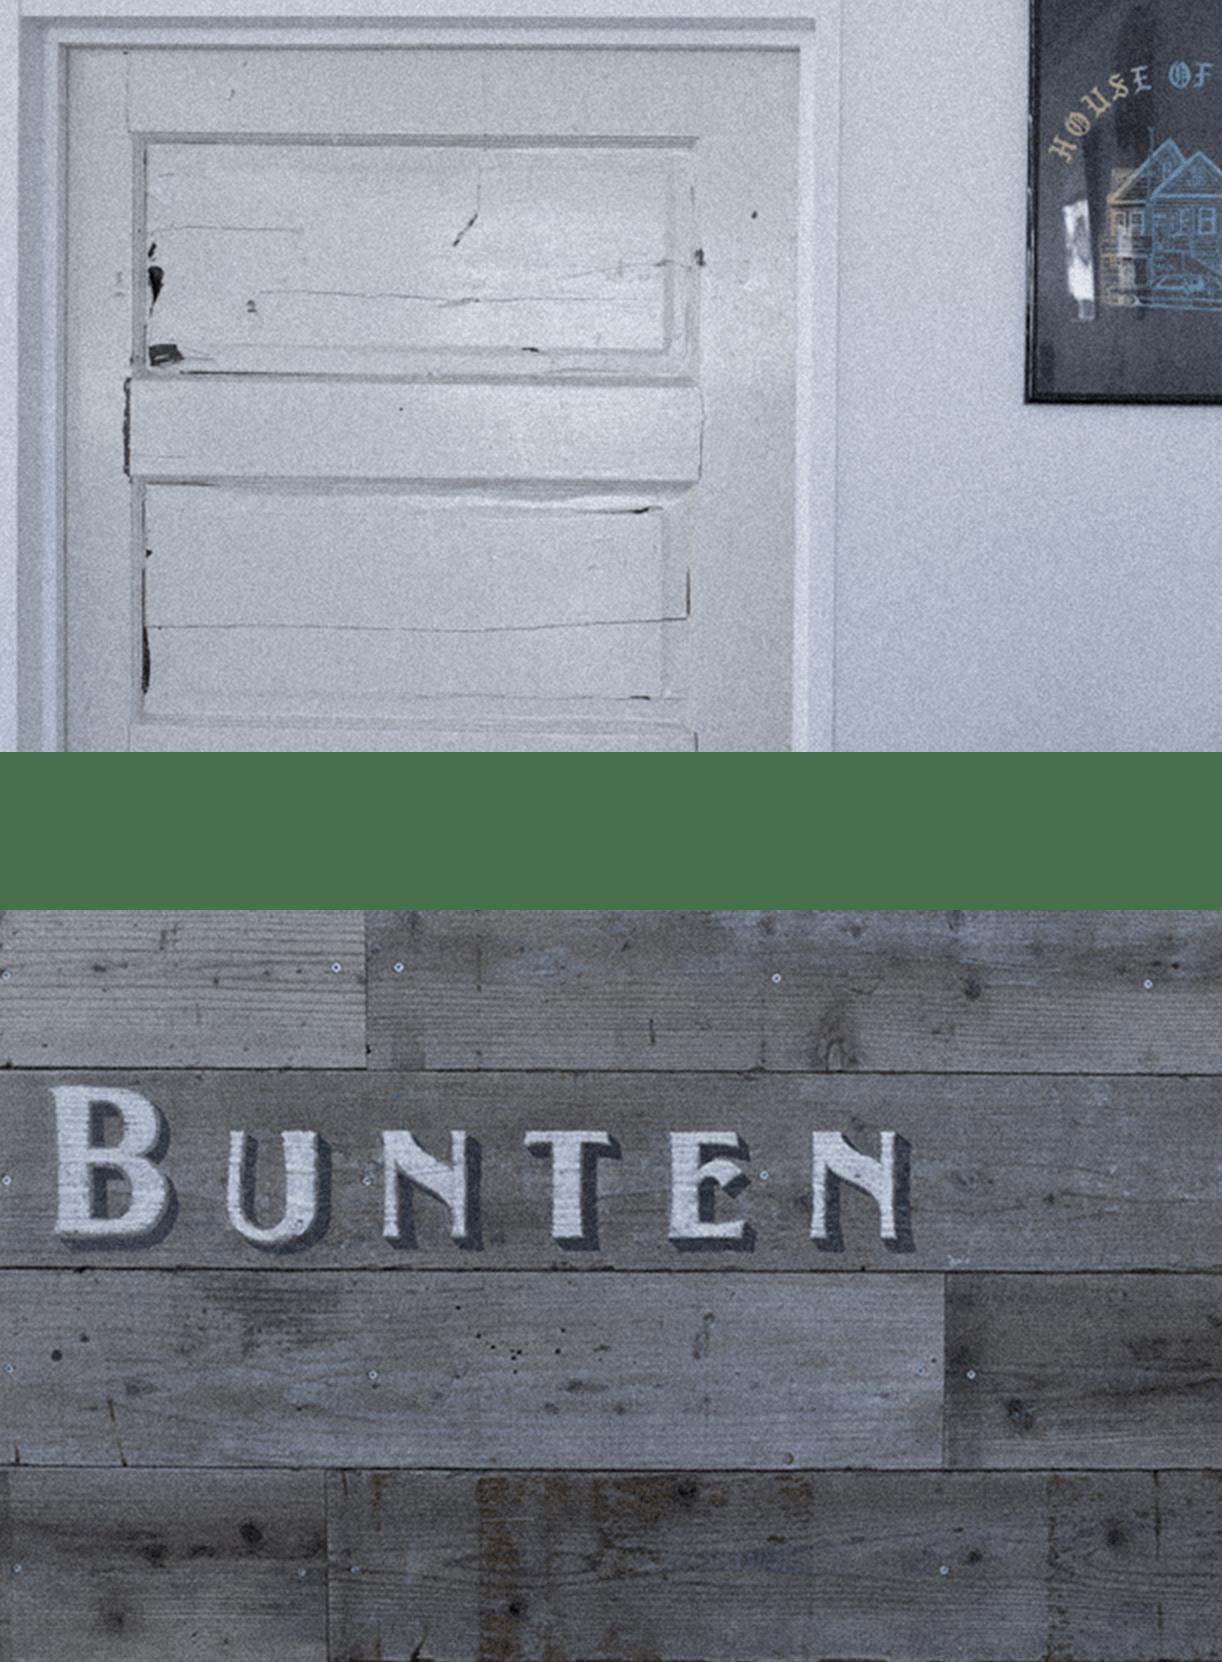 BUNTENの内観イメージ